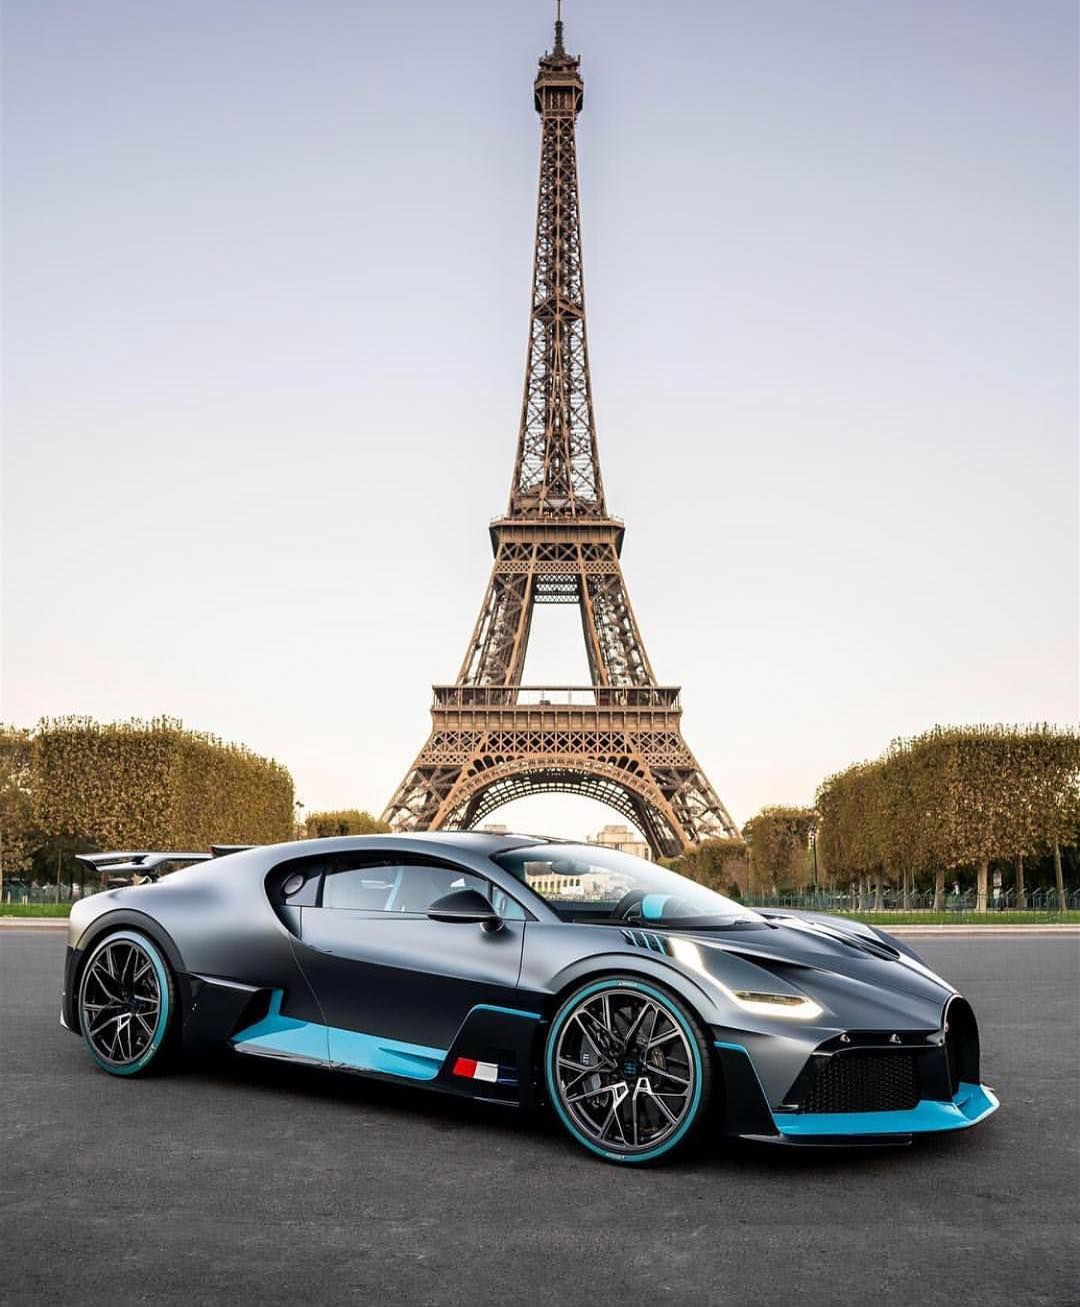 Diamond Bugatti Veyron Super Sport: The Bugatti Divo In Paris 🇫🇷